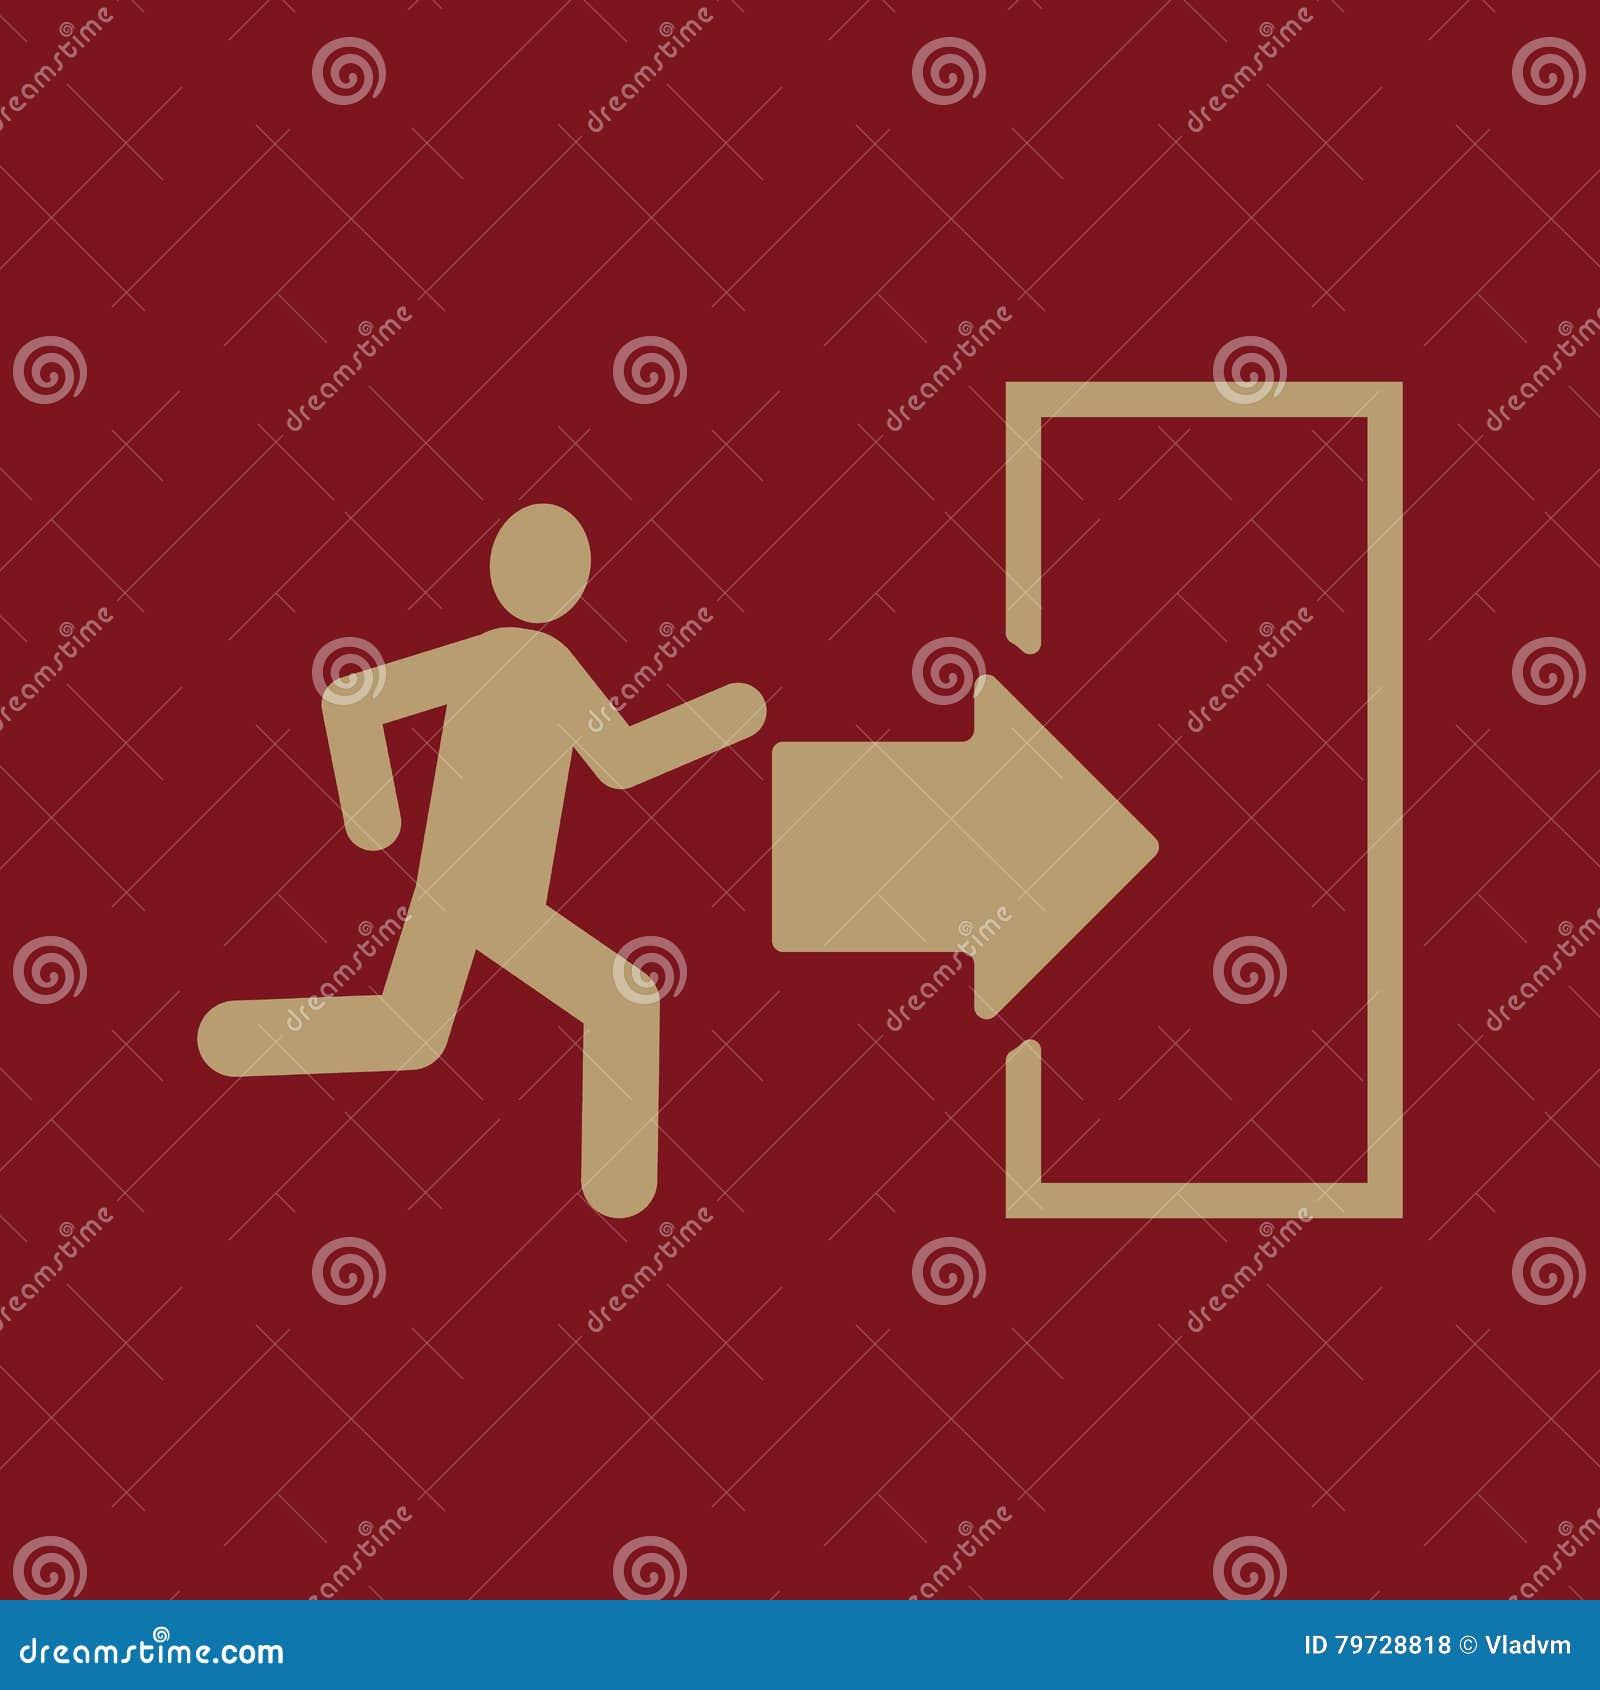 El icono de la salida Símbolo de la salida de emergencia plano